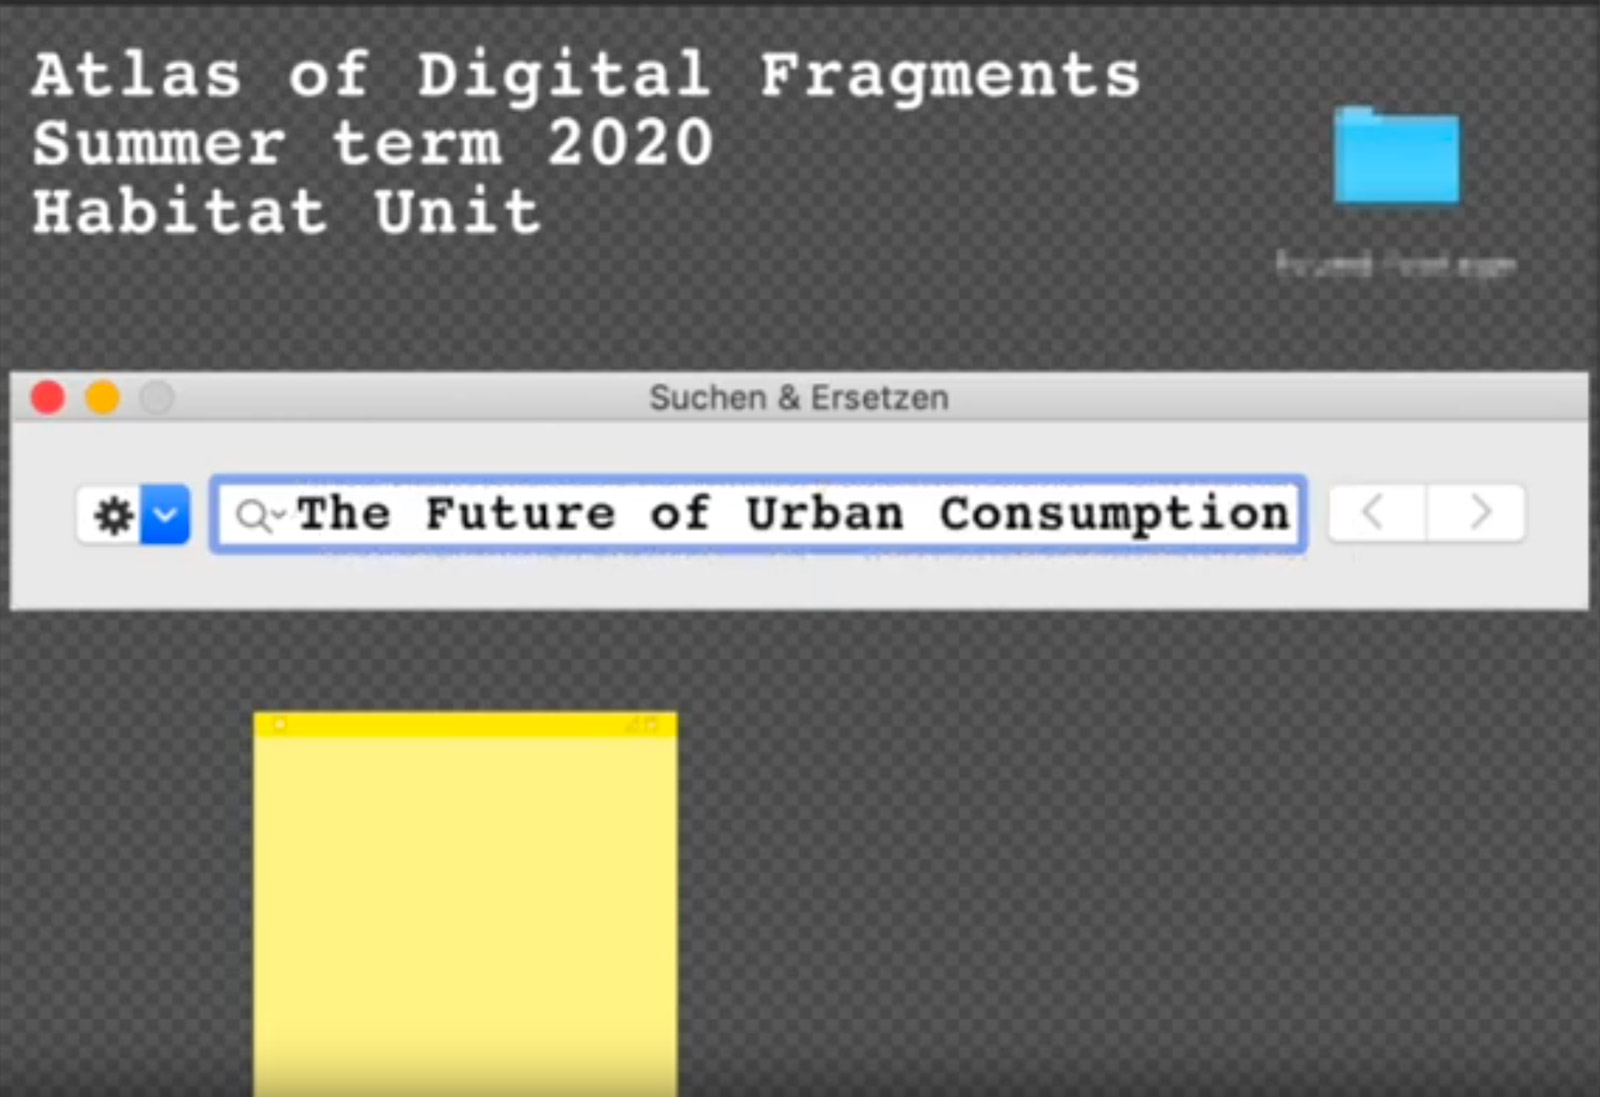 The Future of Urban Consumption